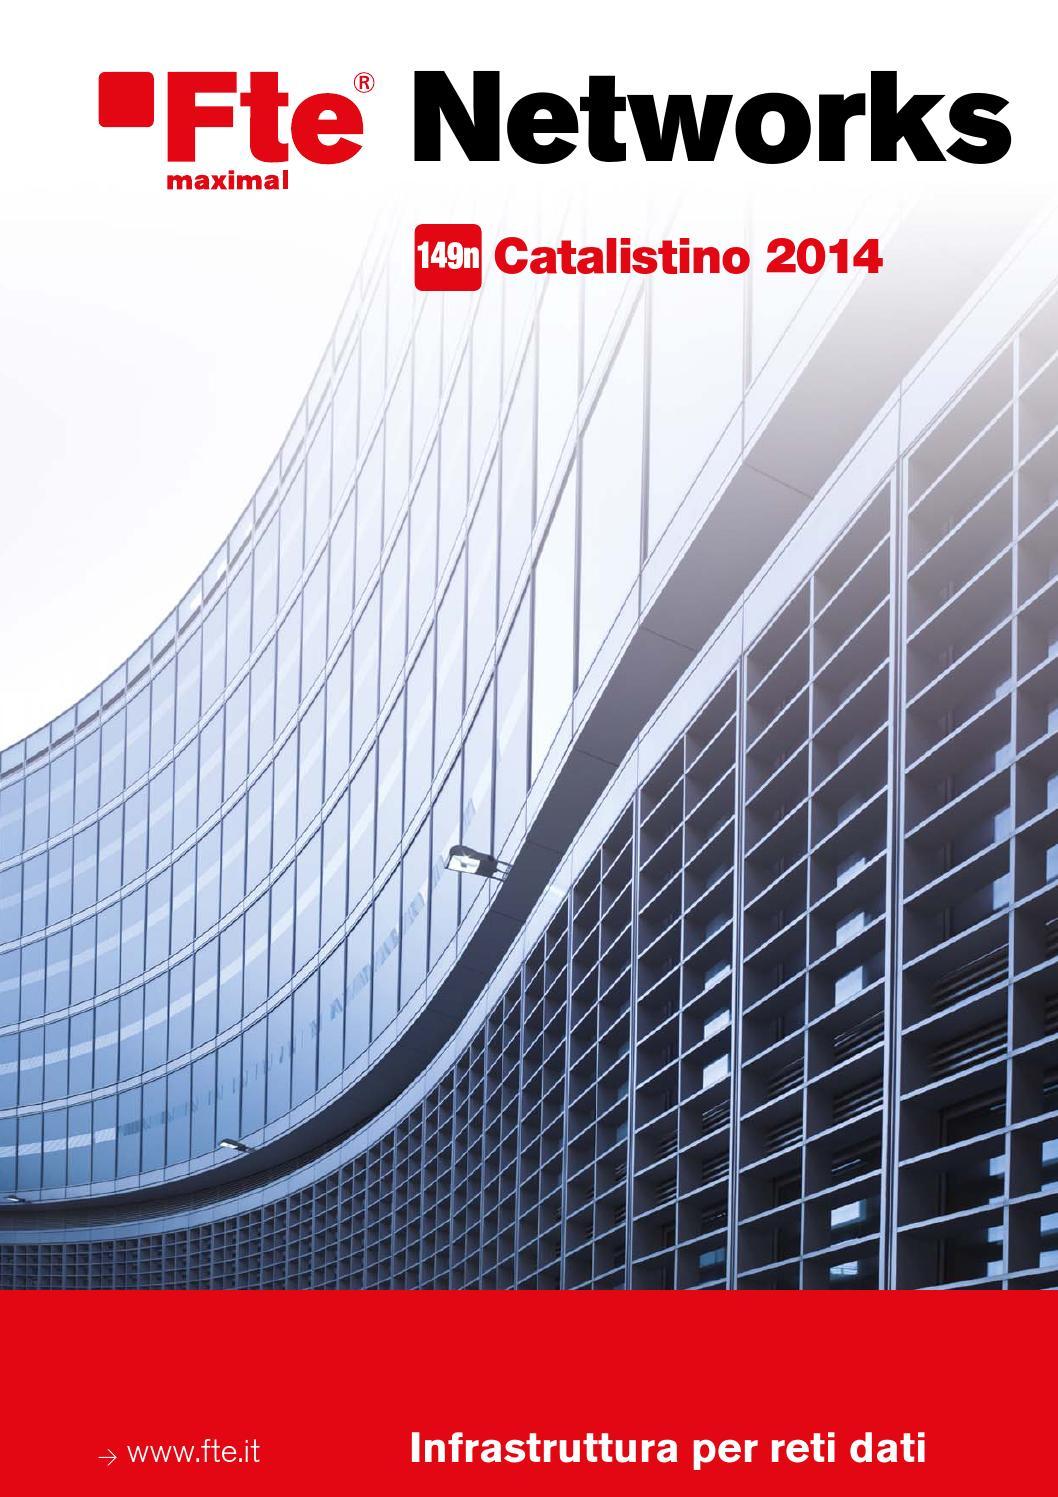 Cablaggio Cat 6 Schema : Catalistino networks fte maximal italia by fte maximal italia issuu